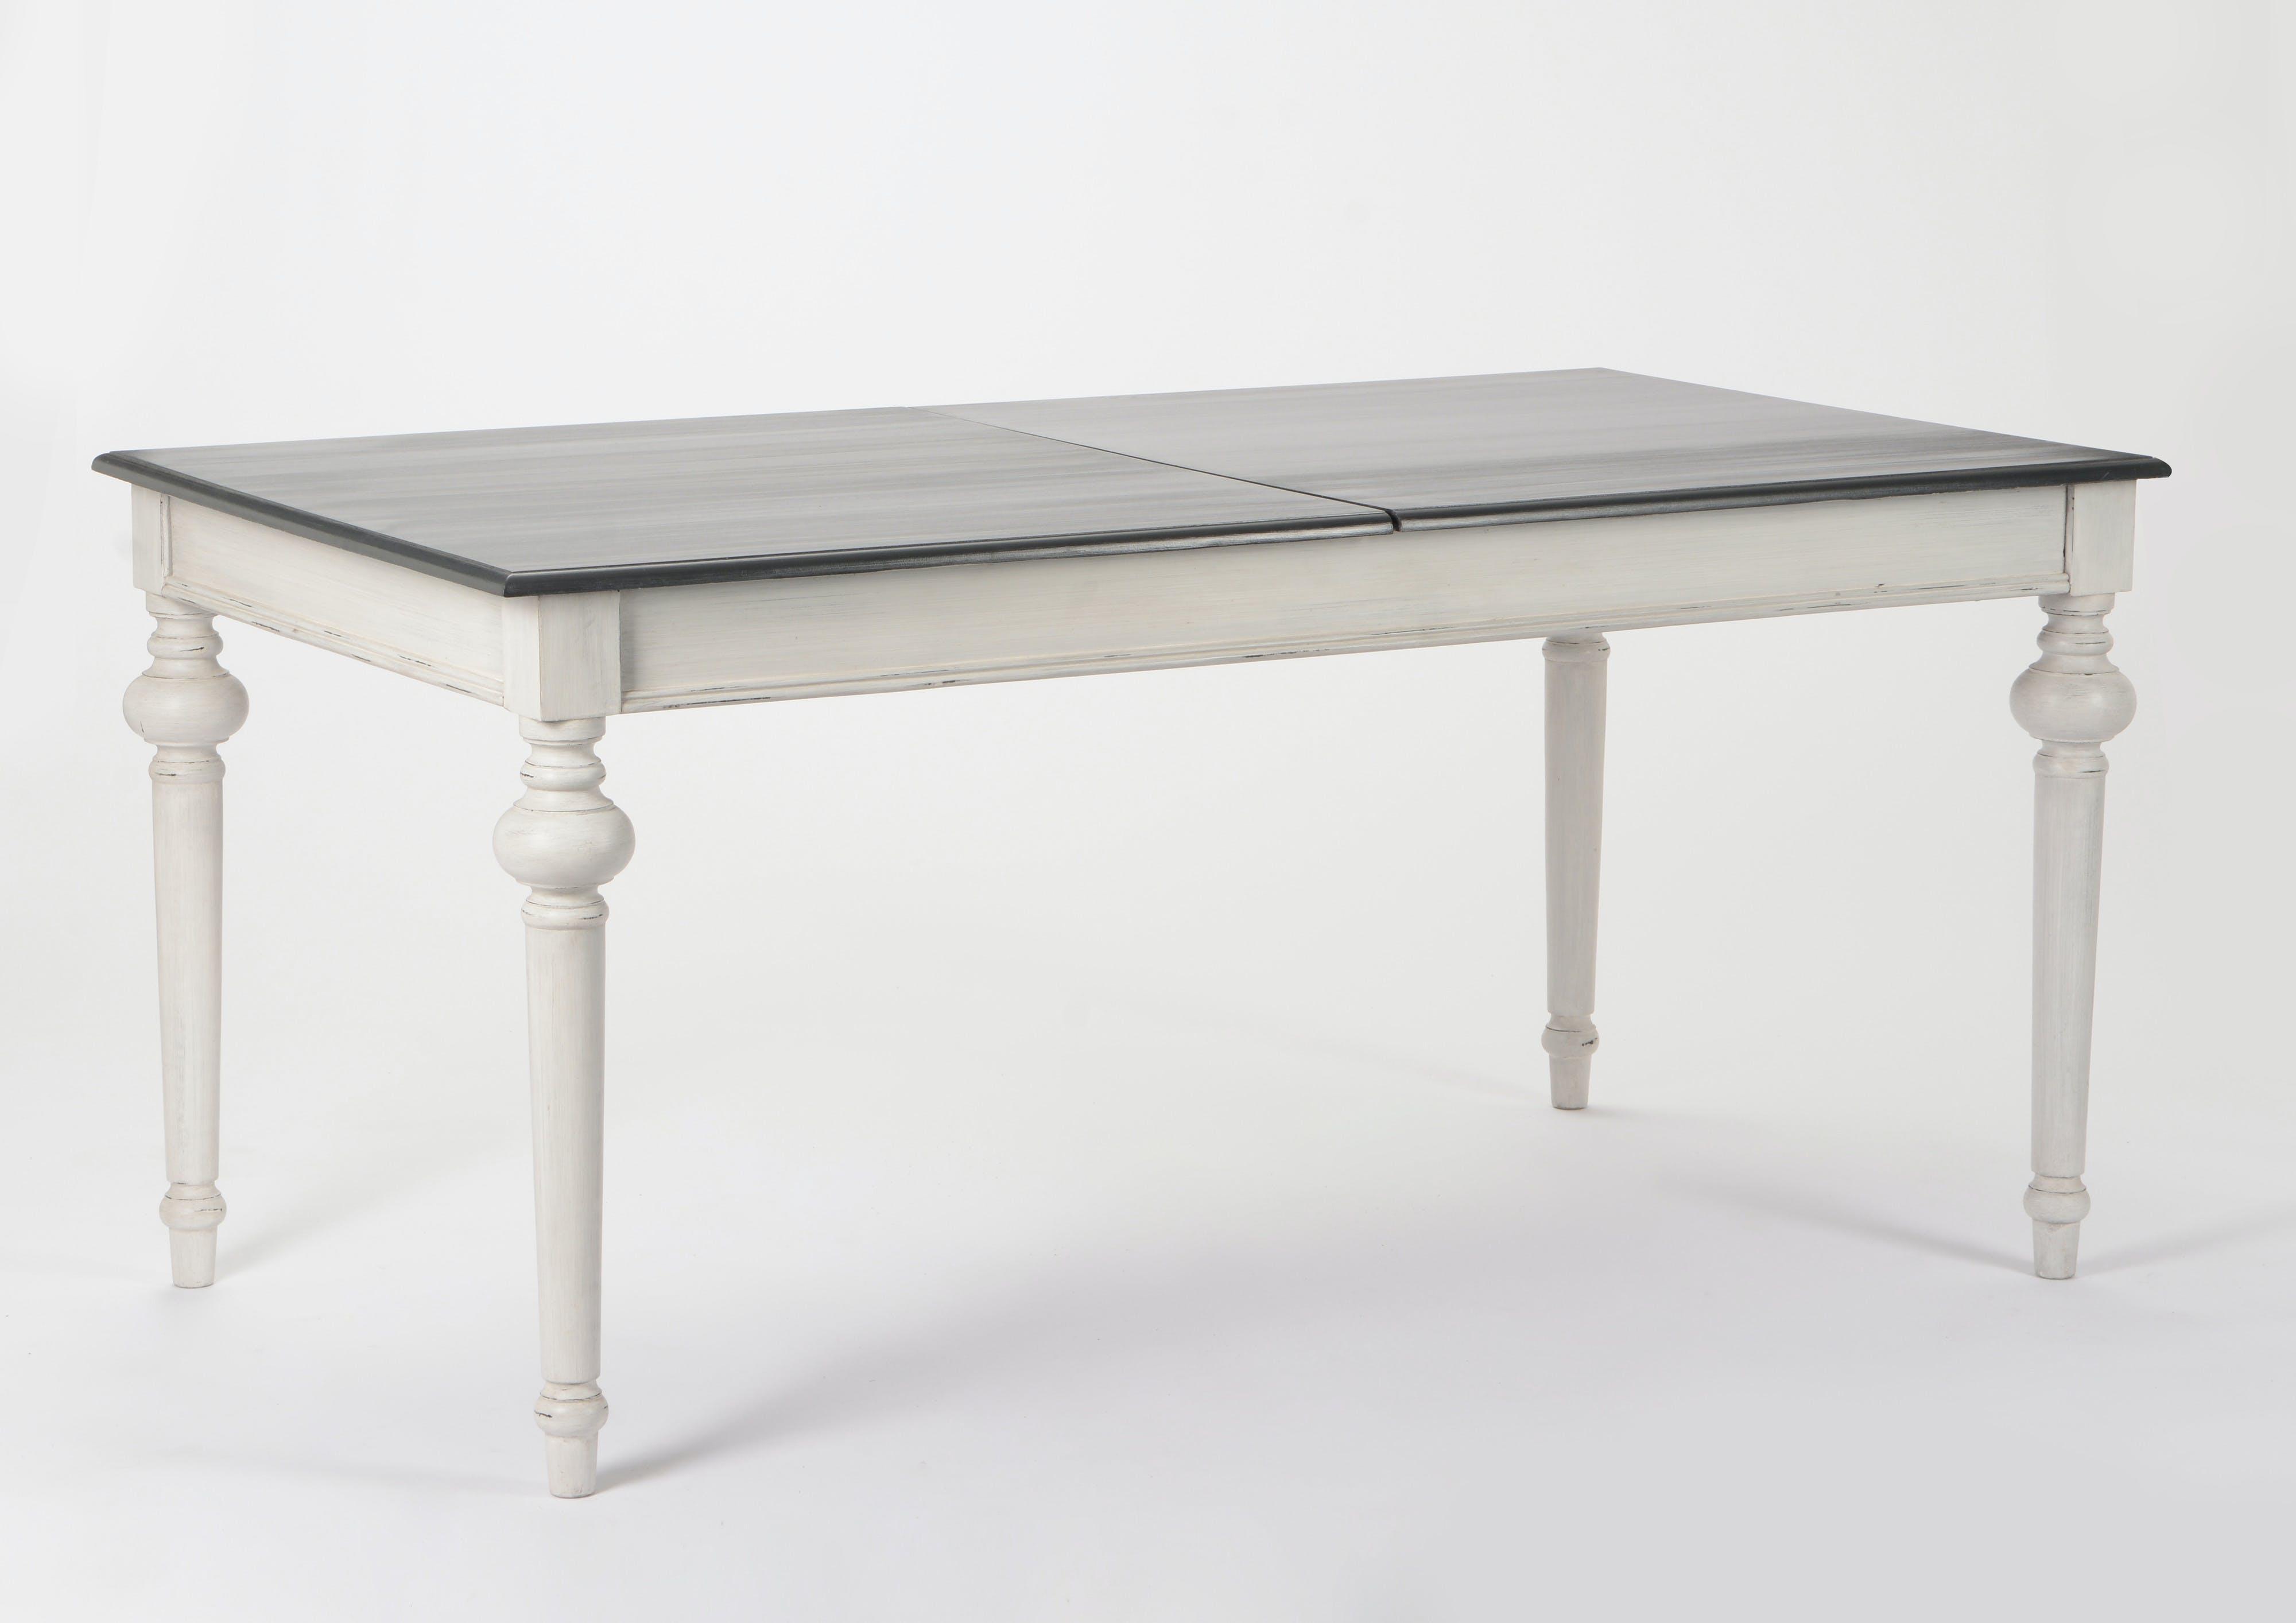 Table de repas rectangle Baroque HERITAGE bois blanchi plateau anthracite 160/200x90x75cm AMADEUS